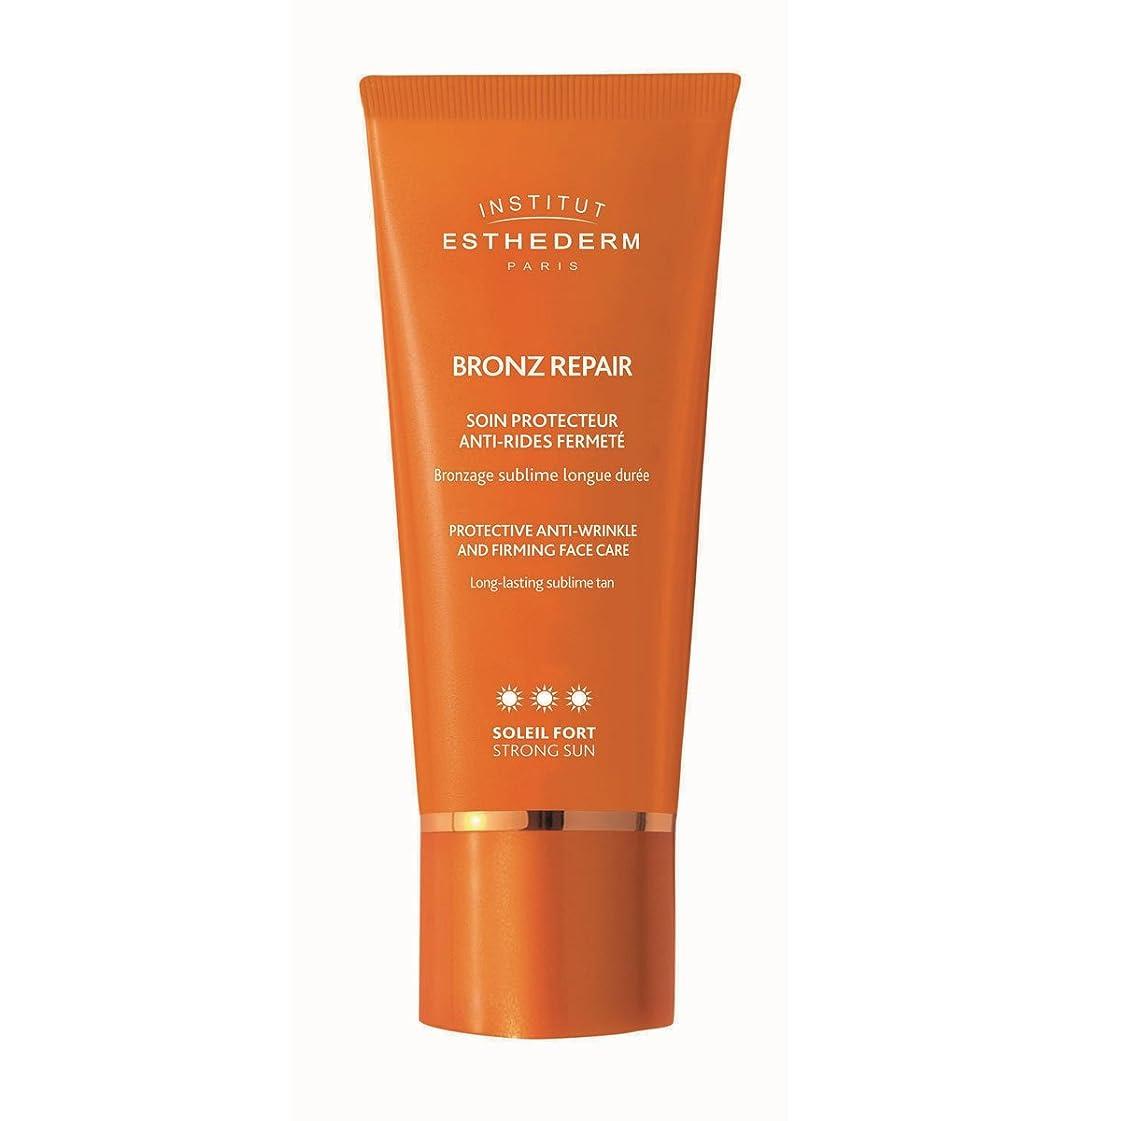 確実どう?トリップInstitut Esthederm Bronz Repair Protective Anti-wrinkle And Firming Face Care Strong Sun 50ml [並行輸入品]